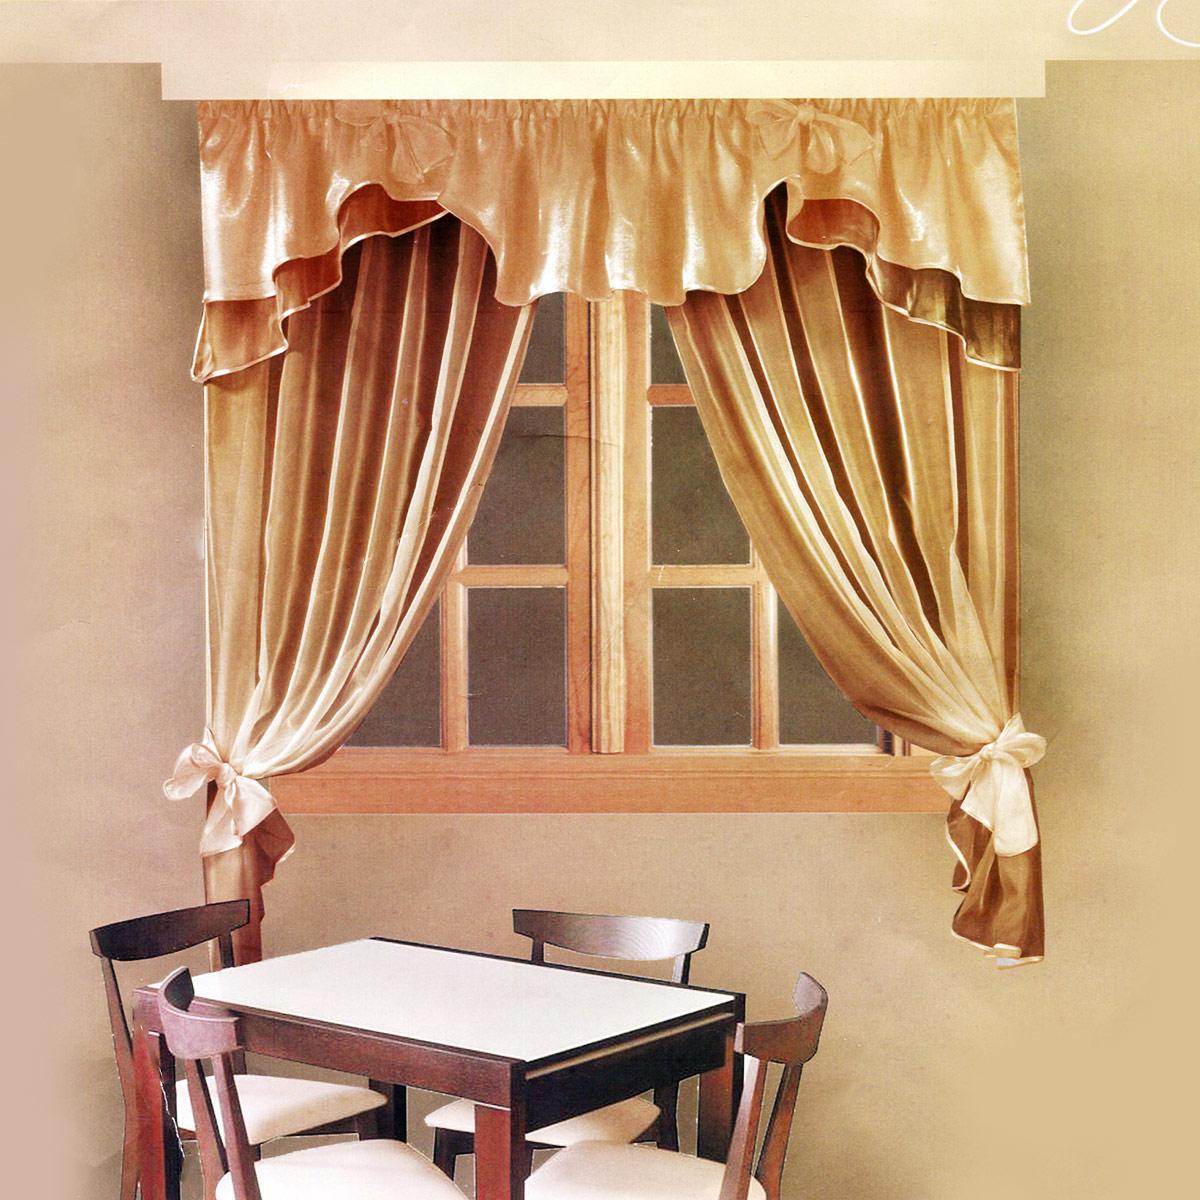 Комплект штор Zlata Korunka, на ленте, цвет: коричневый, высота 160 см. Б029Б029Роскошный комплект штор Zlata Korunka, выполненный из полиэстера, великолепно украсит любое окно. Комплект состоит из ламбрекена и тюля. Воздушная ткань и приятная, приглушенная гамма привлекут к себе внимание и органично впишутся в интерьер помещения. Этот комплект будет долгое время радовать вас и вашу семью! Шторы крепятся на карниз при помощи ленты, которая поможет красиво и равномерно задрапировать верх. Тюль можно зафиксировать в одном положении с помощью двух подхватов, которые можно завязать в банты.